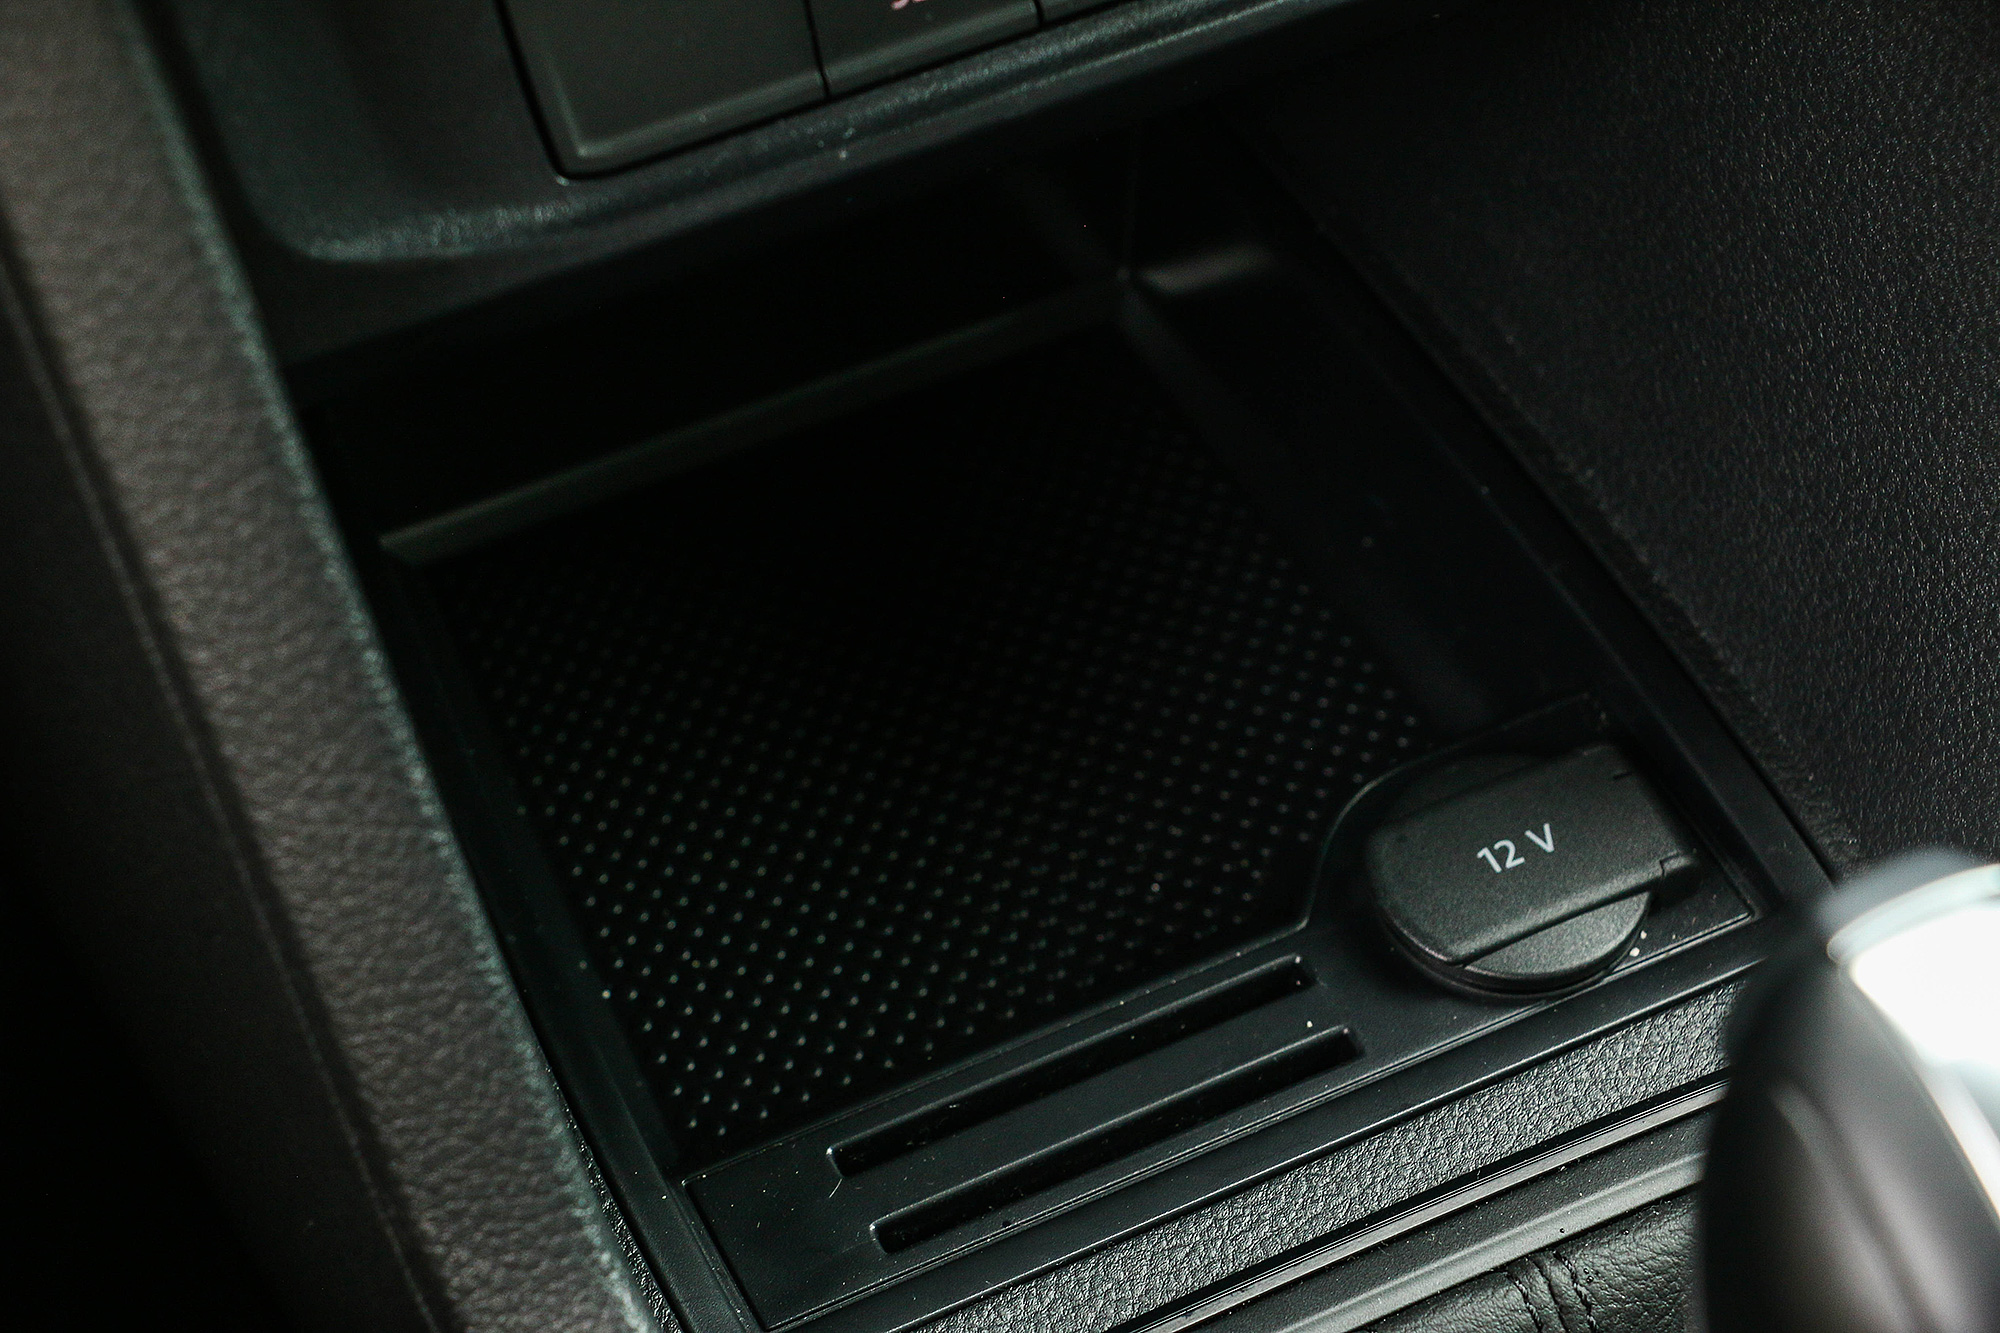 置物托盤設計有卡片槽。